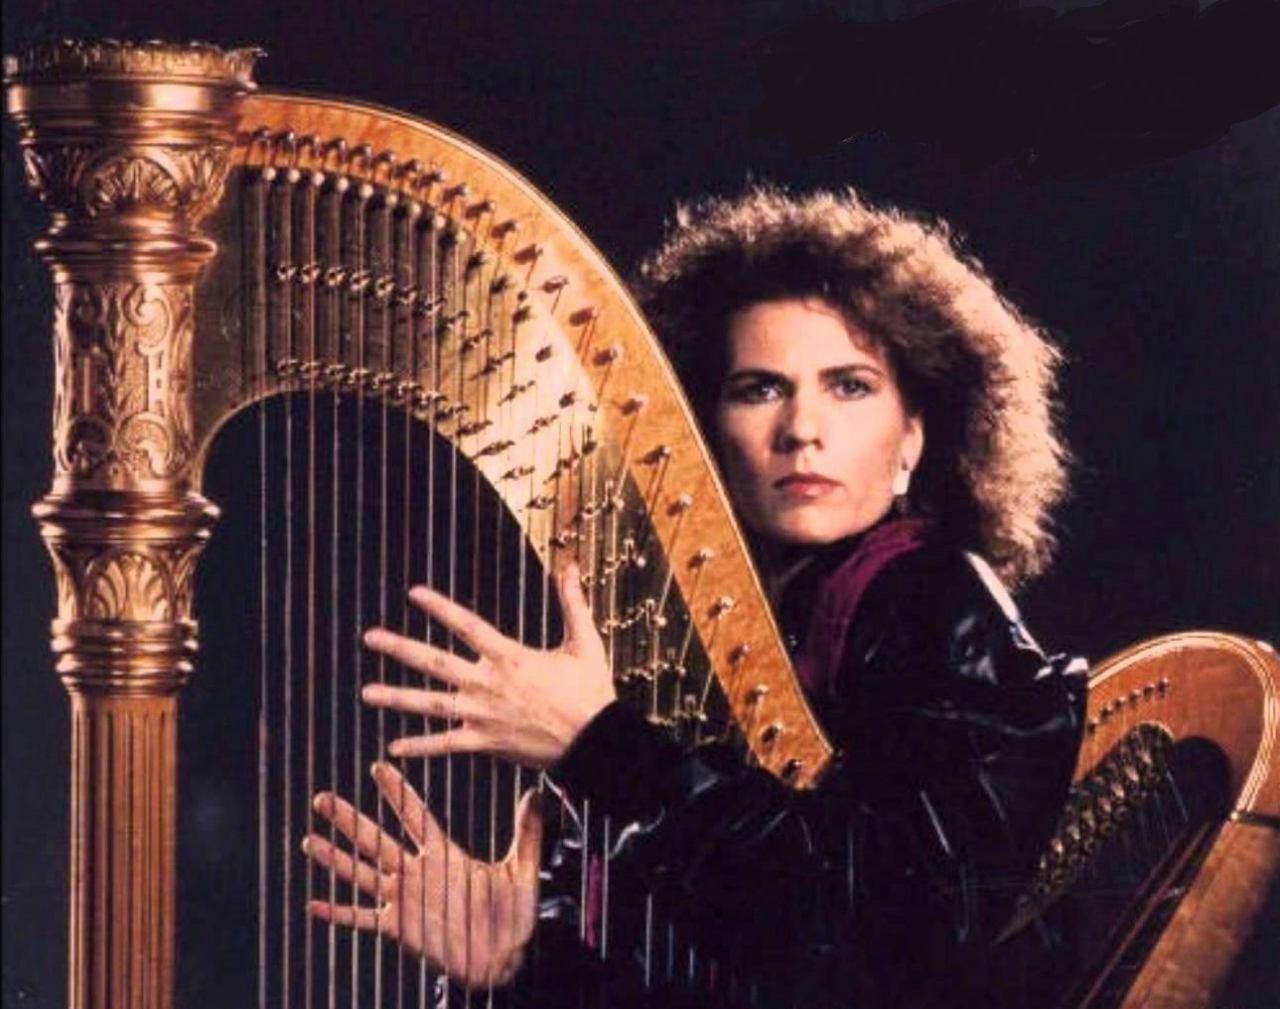 موسیقی پیشنهادی مجید اخشابی: قطعهاي از آلبوم معروف